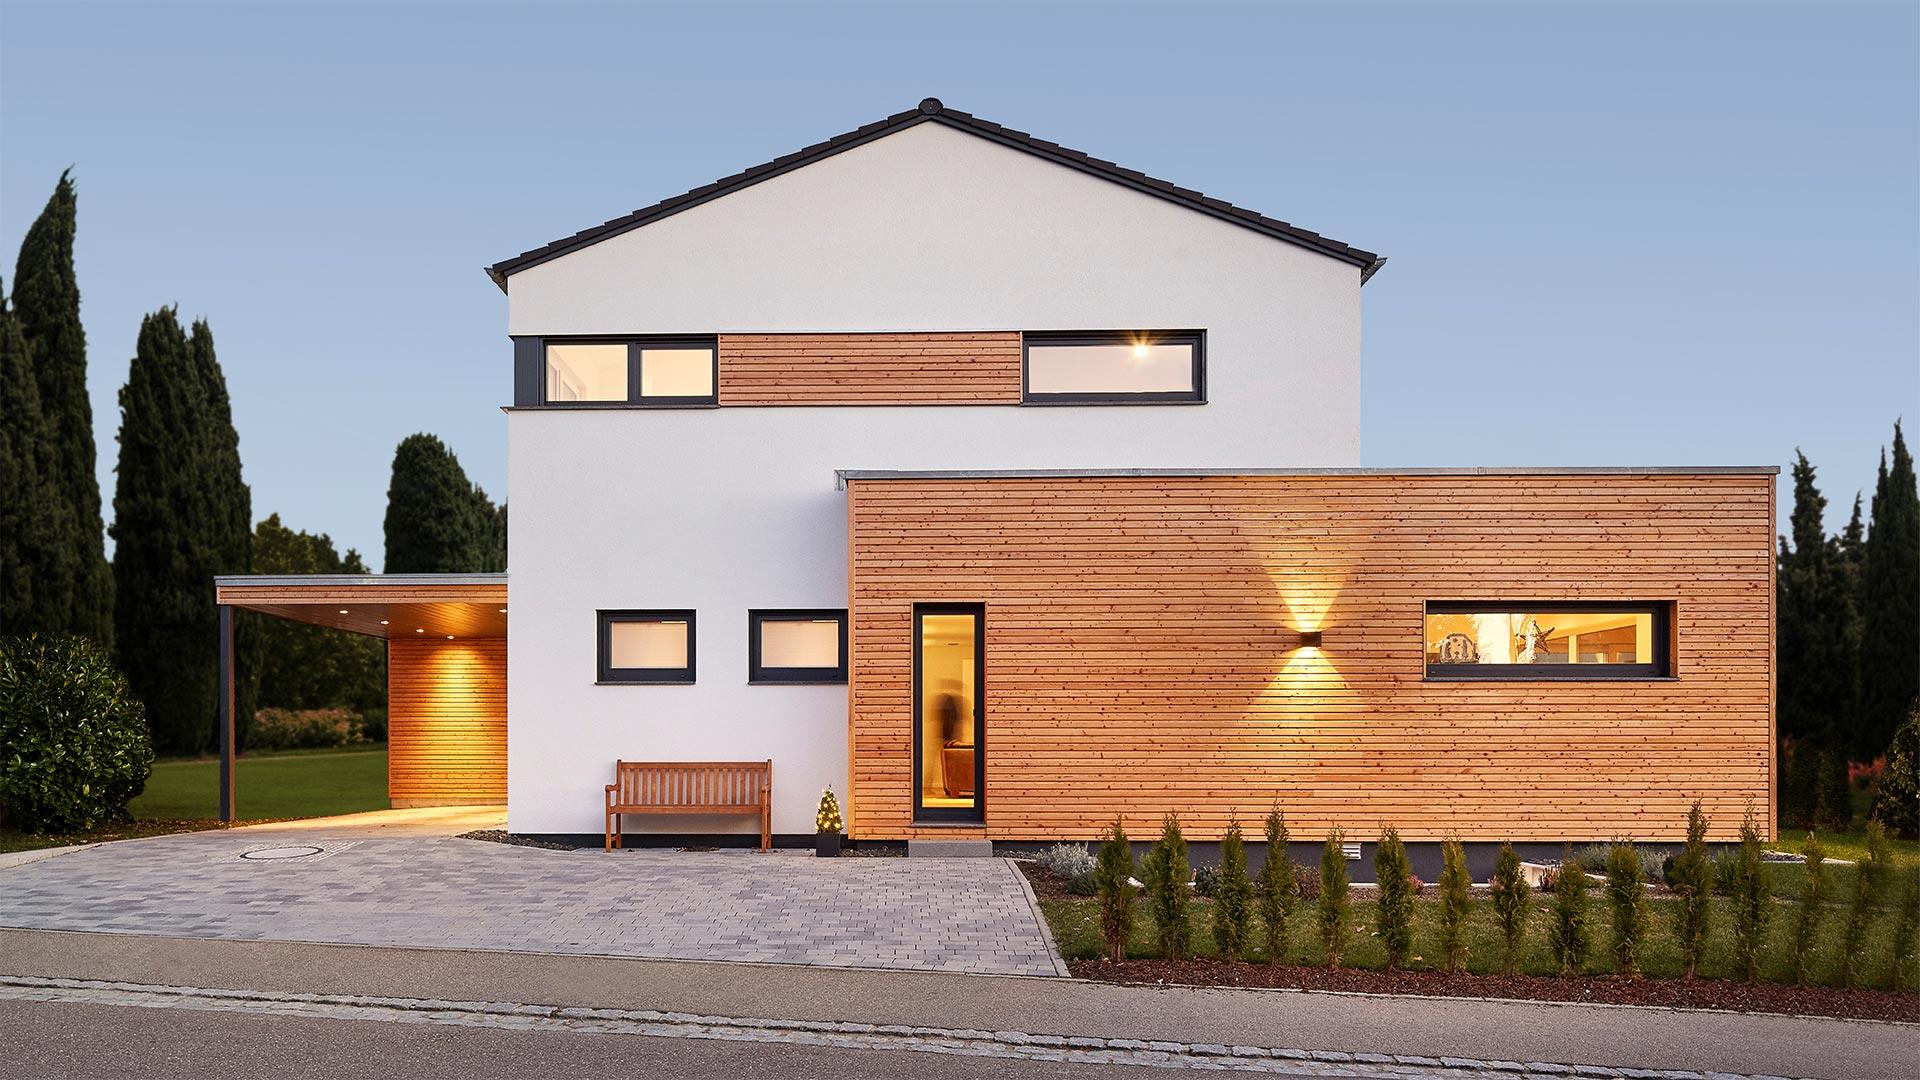 LUXHAUS Architektenhaus - Satteldach Landhaus 207